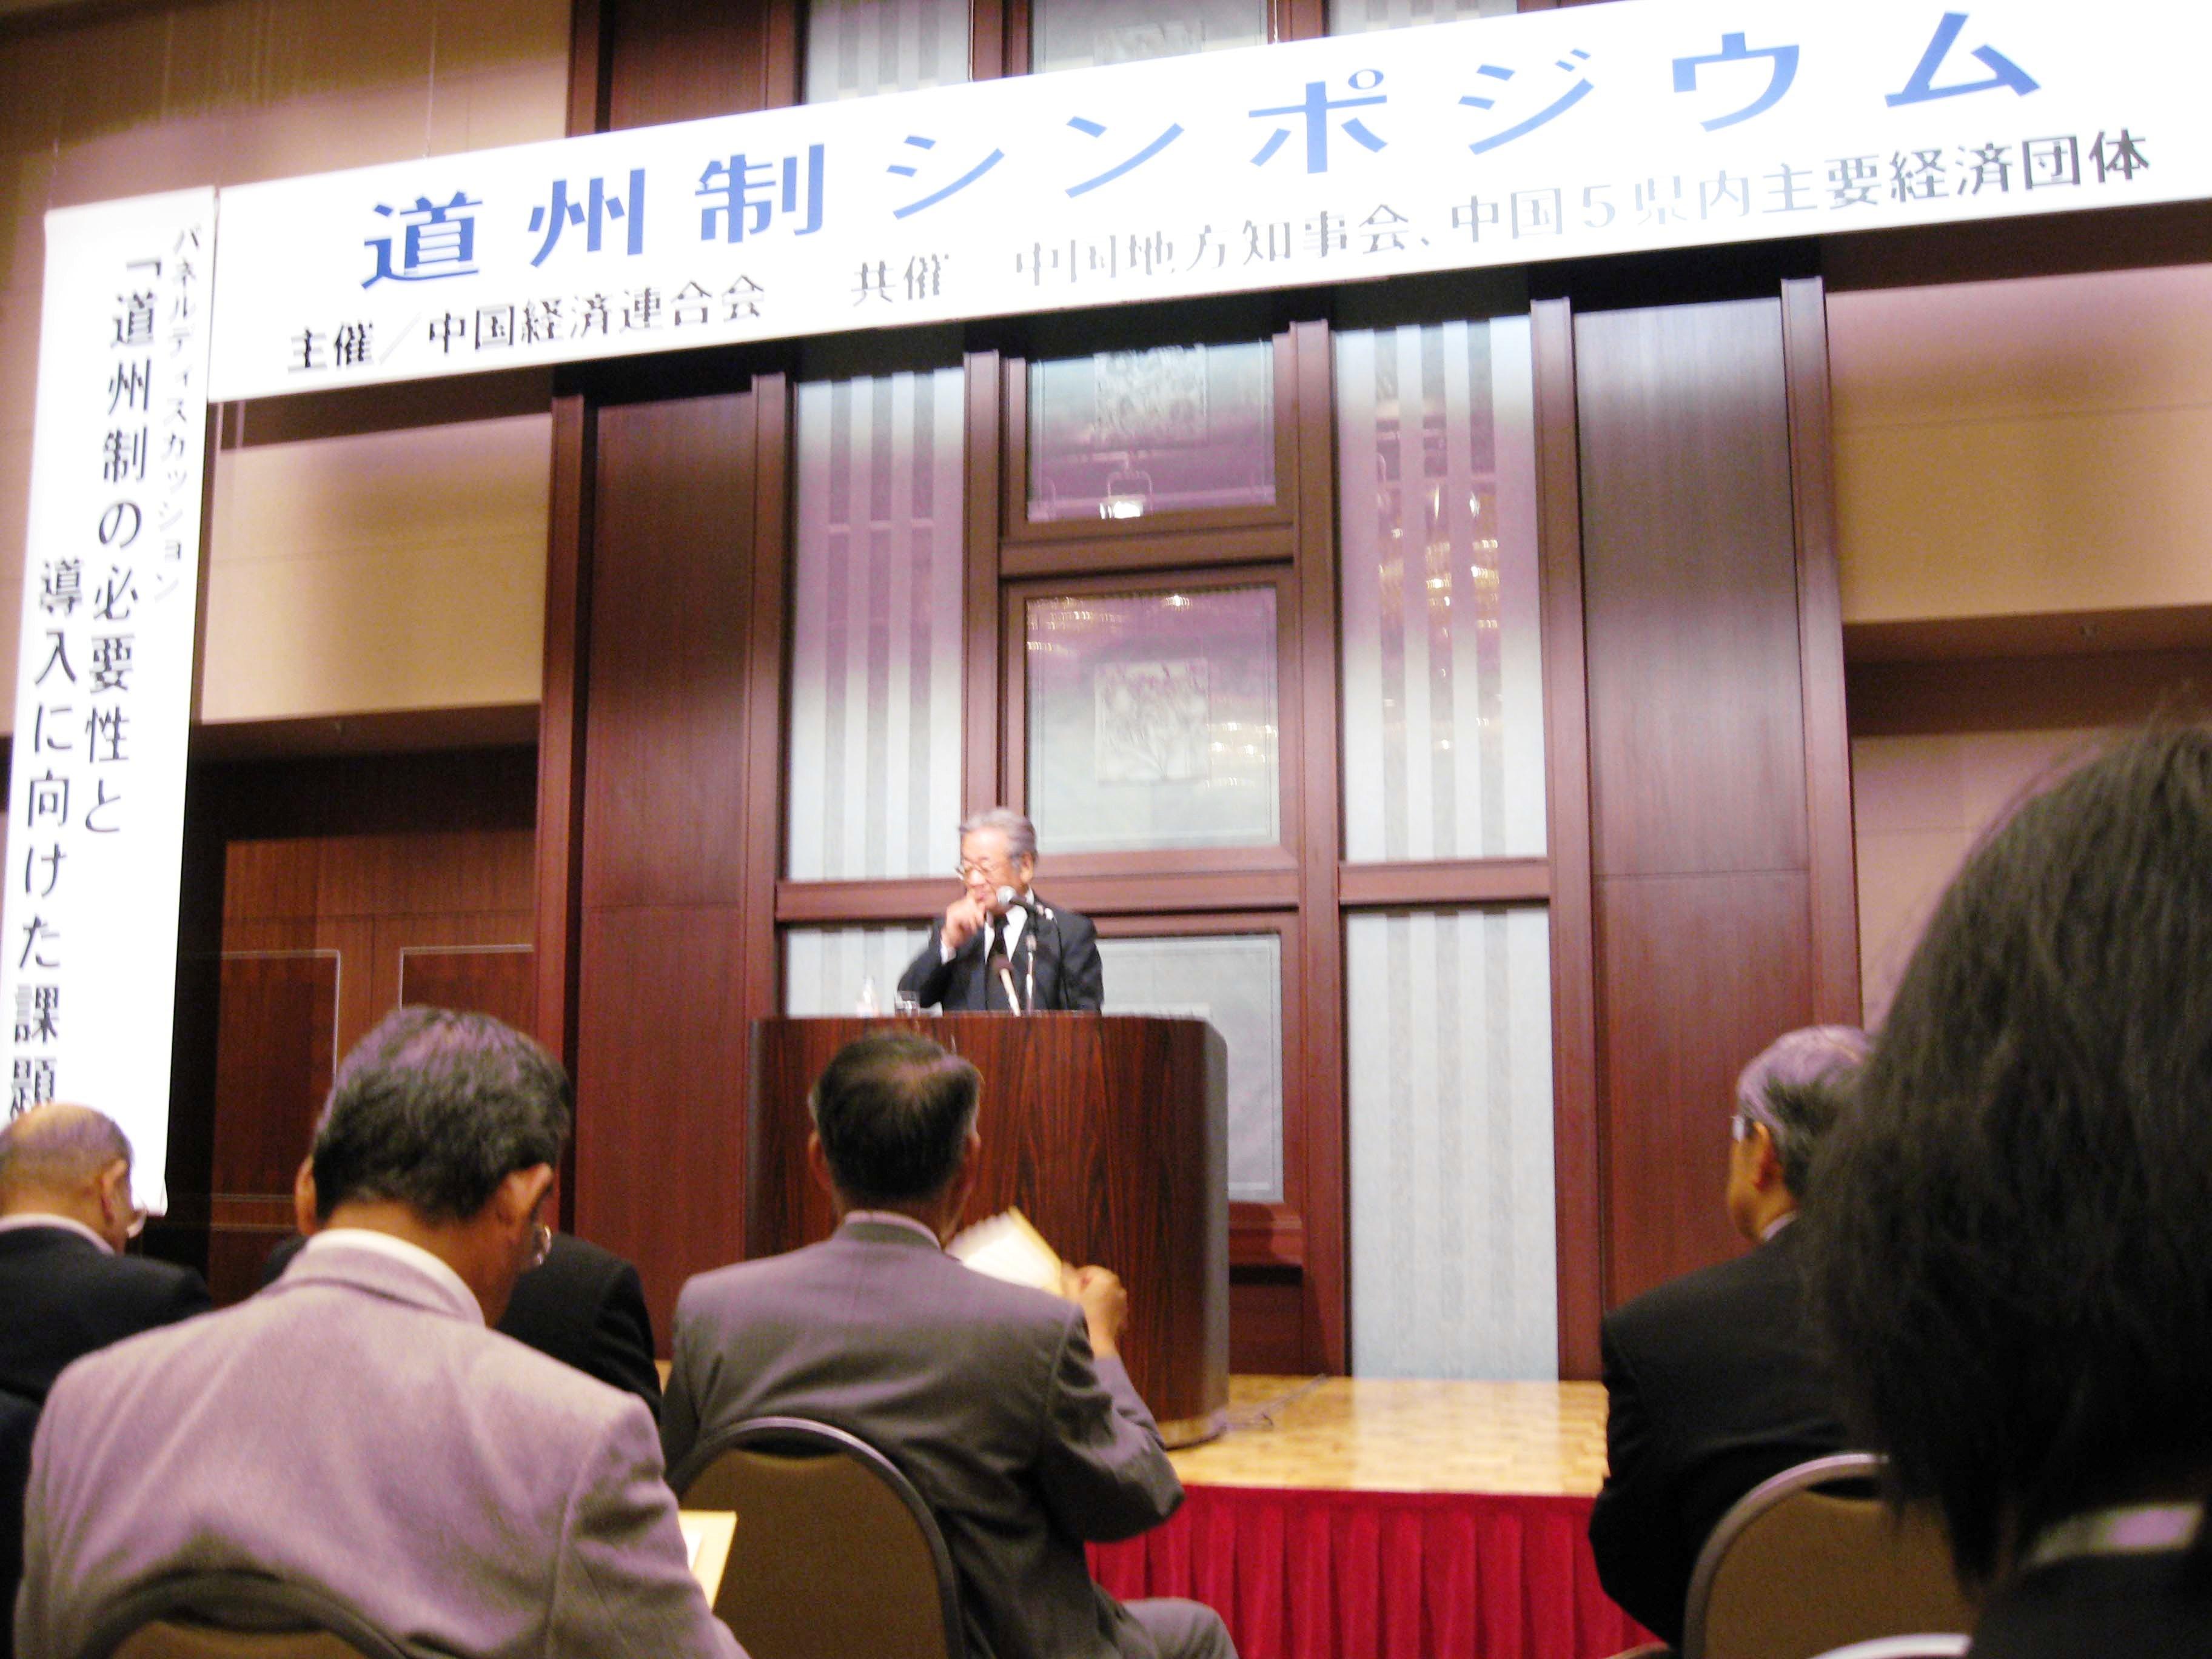 堺屋太一: 鳥取県議会議員 野田修 公式サイト : 2007年07月